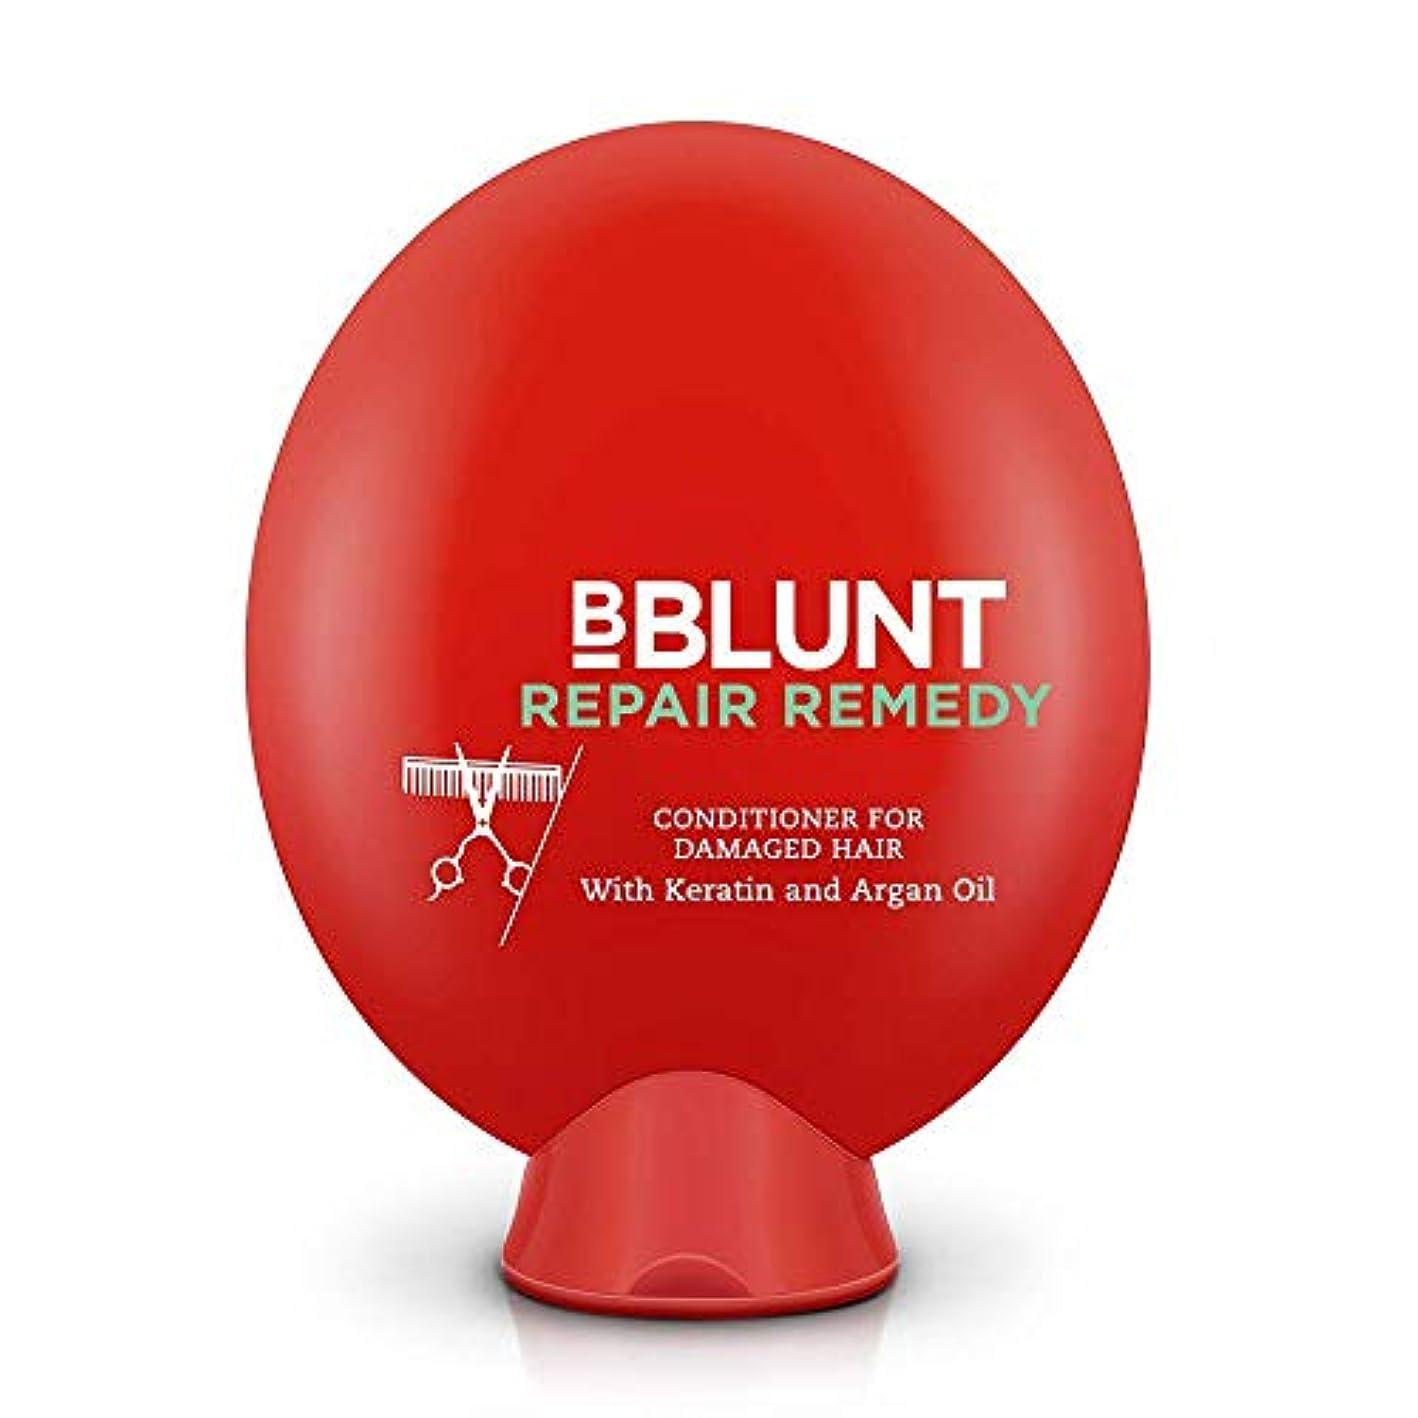 非アクティブつかまえる迷惑BBLUNT Repair Remedy Conditioner for Damaged Hair, 200g (Keratin and Argan Oil)